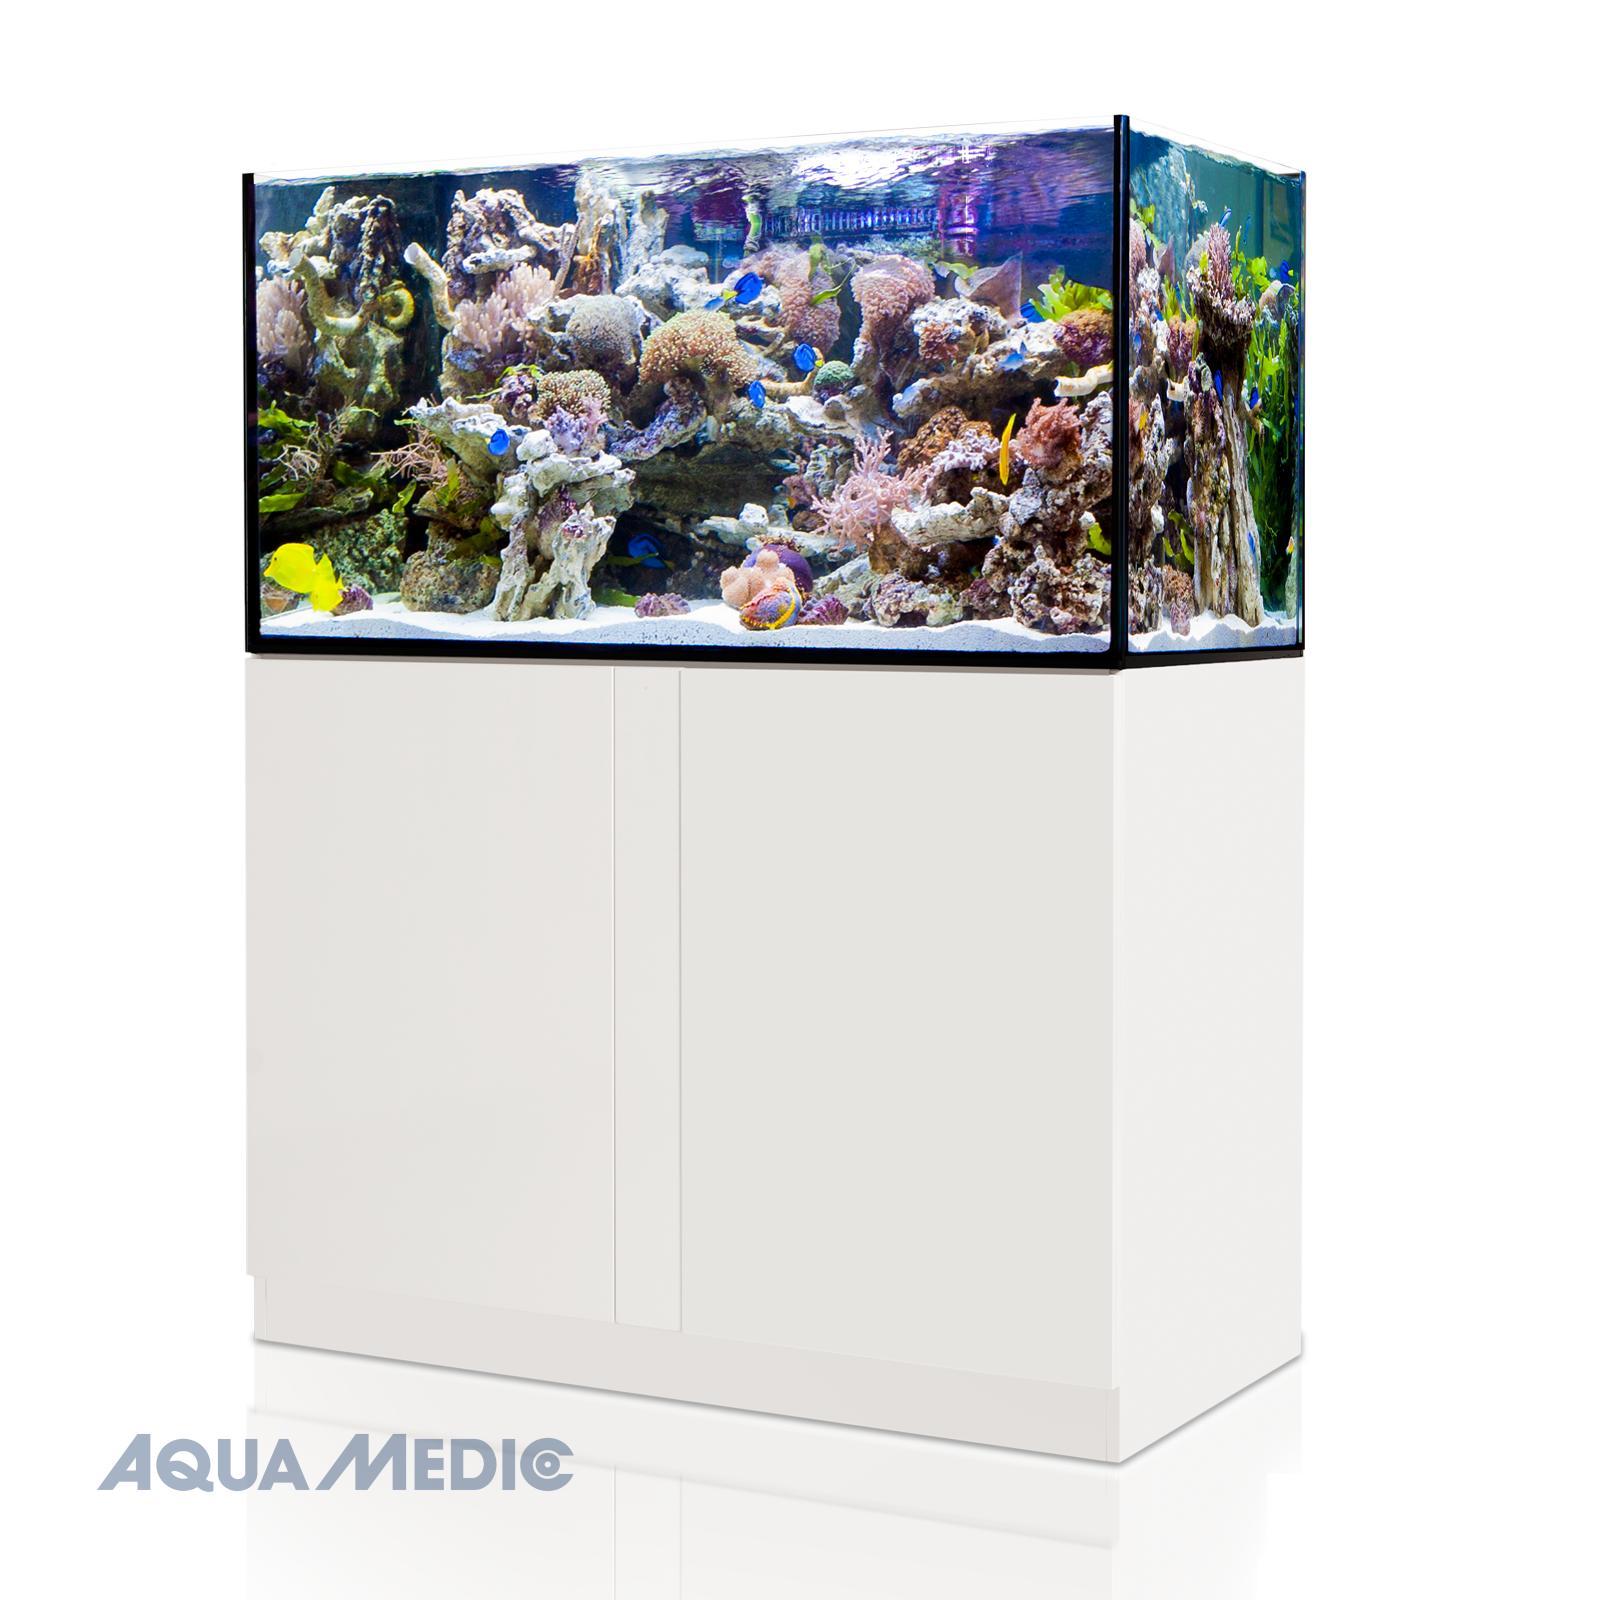 aqua medic xenia 100